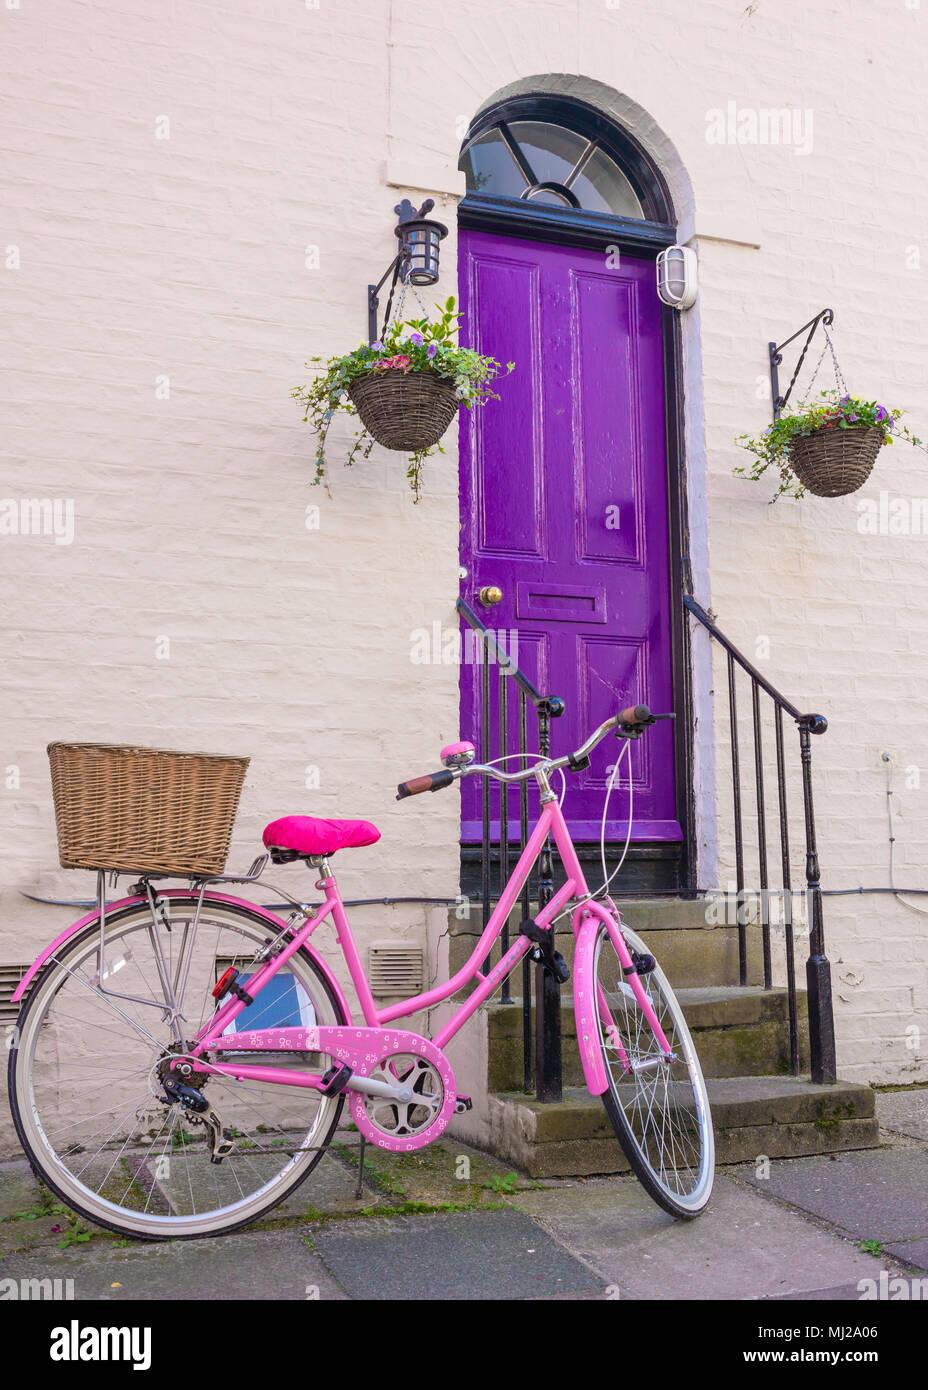 Rosa brillante mujer bicicleta con cesta de mimbre trasero estacionado en  frente de una puerta frontal de madera violeta de una casa de estilo  victoriano ... c67acdd09f4e